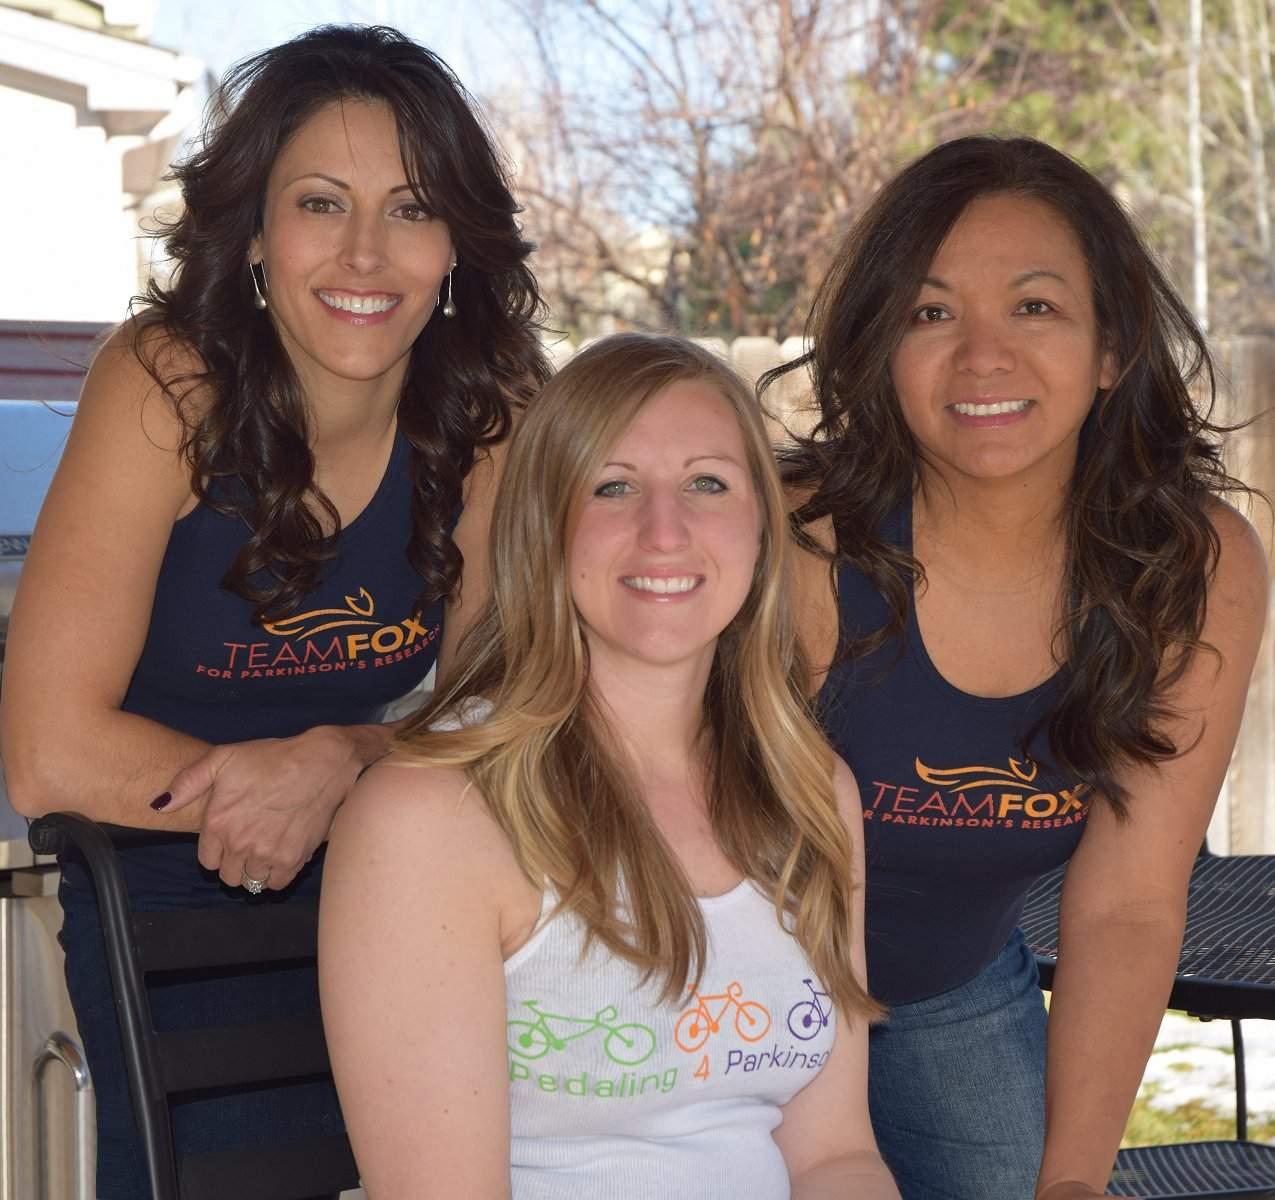 Jackie, Lauren & Laura from Denver